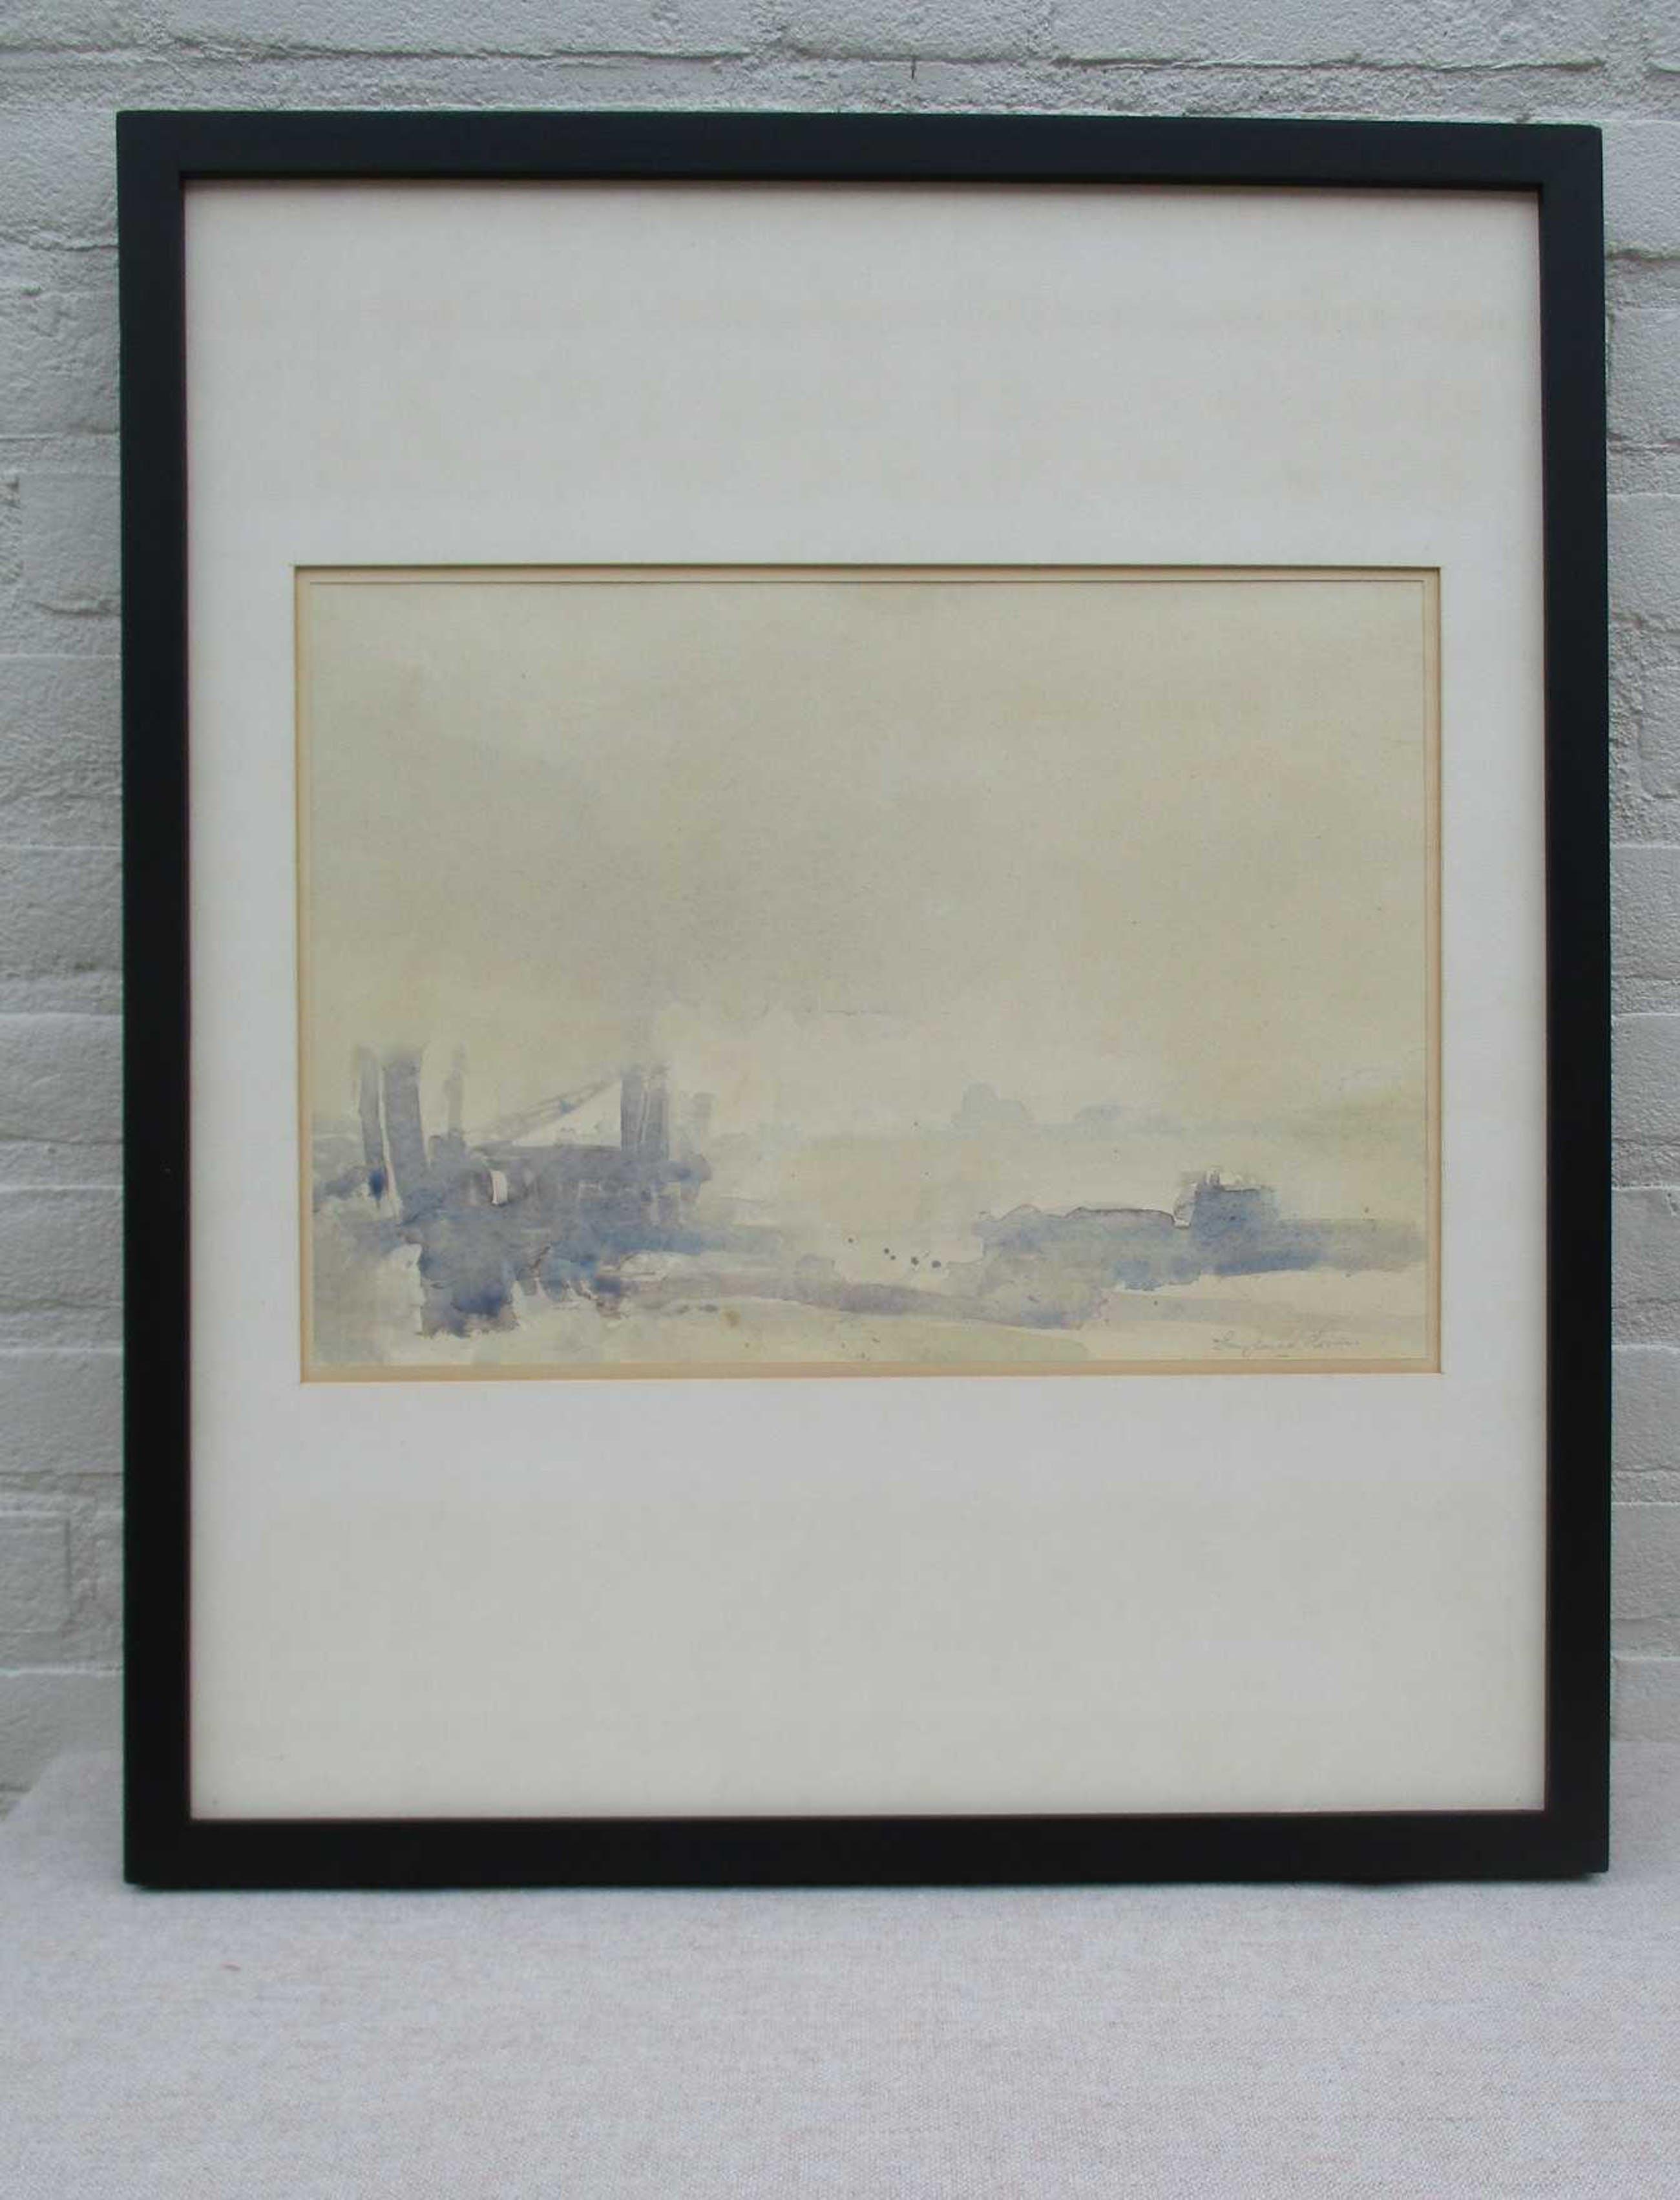 Frans van der Heide - Gezicht op Veere vanaf steiger Kapelle kopen? Bied vanaf 65!